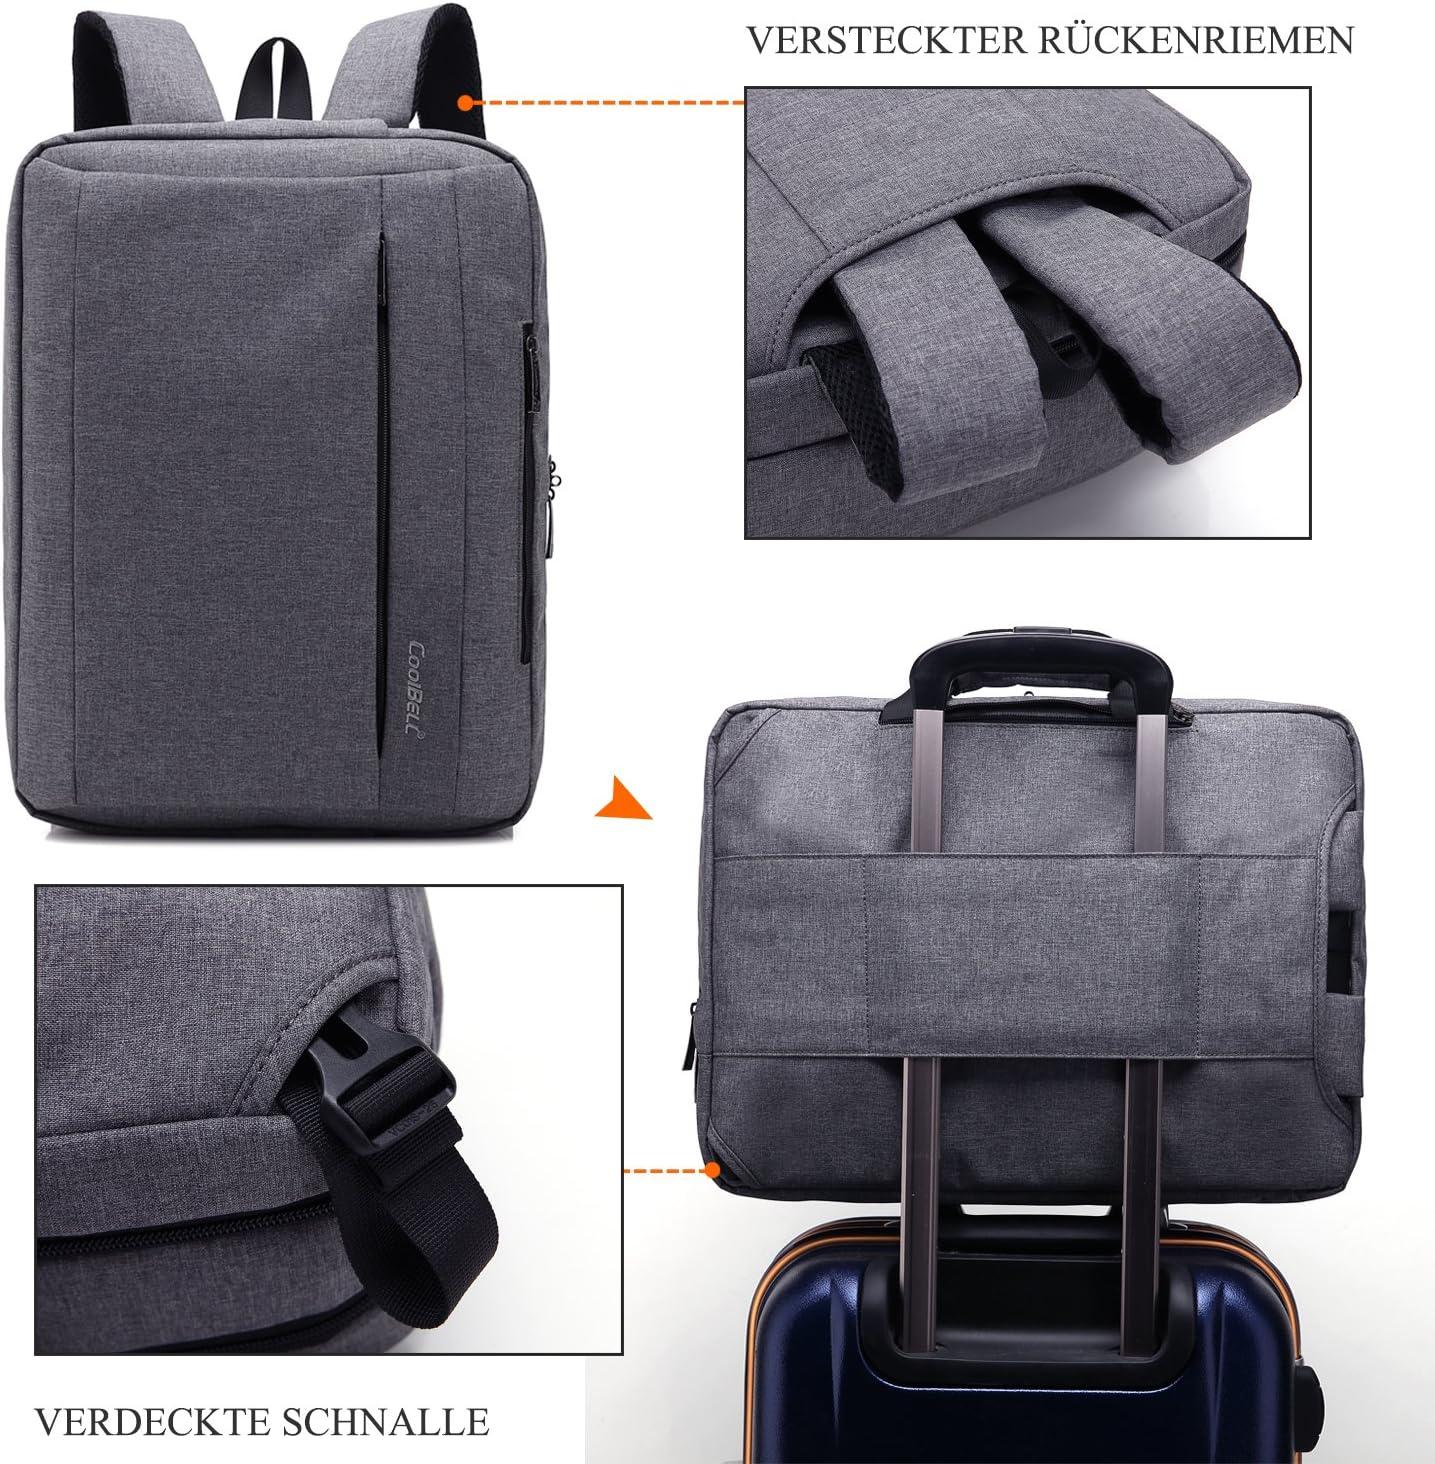 CoolBell 17,3 Zoll umwandelbar Laptop Tasche//Rucksack Messenger Bag Canvas Umh/ängetasche Business Backpack Arbeitastasche Mehrzweck Aktentasche Notebooktasche f/ür Laptop//MacBook//Herren Grau